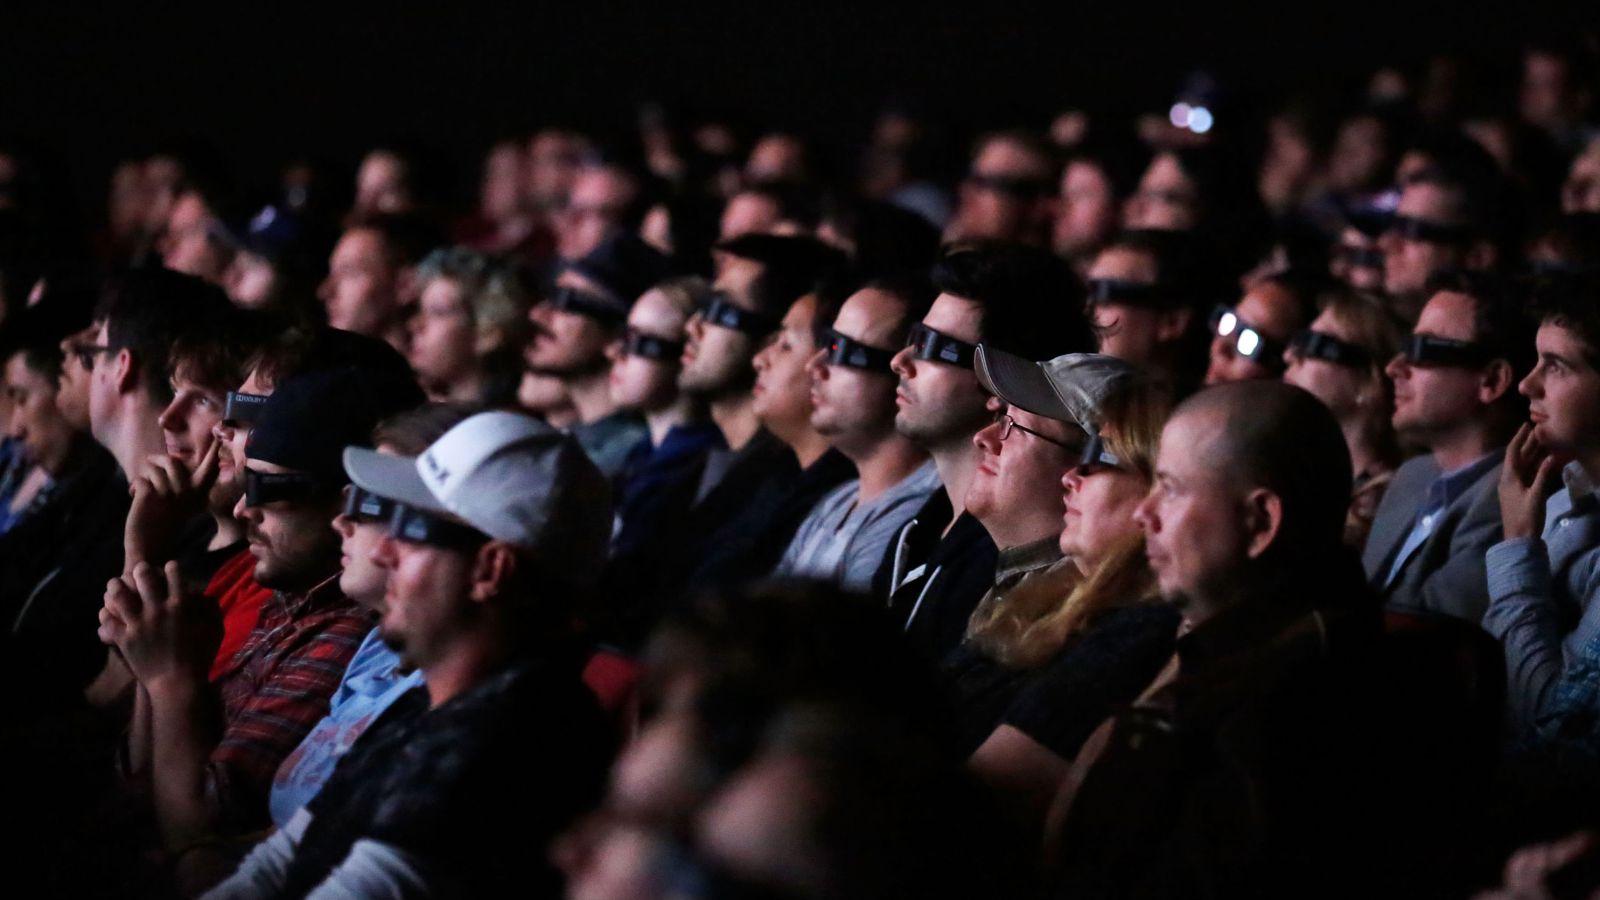 Krijg de volle aandacht van je doelgroep in cinema